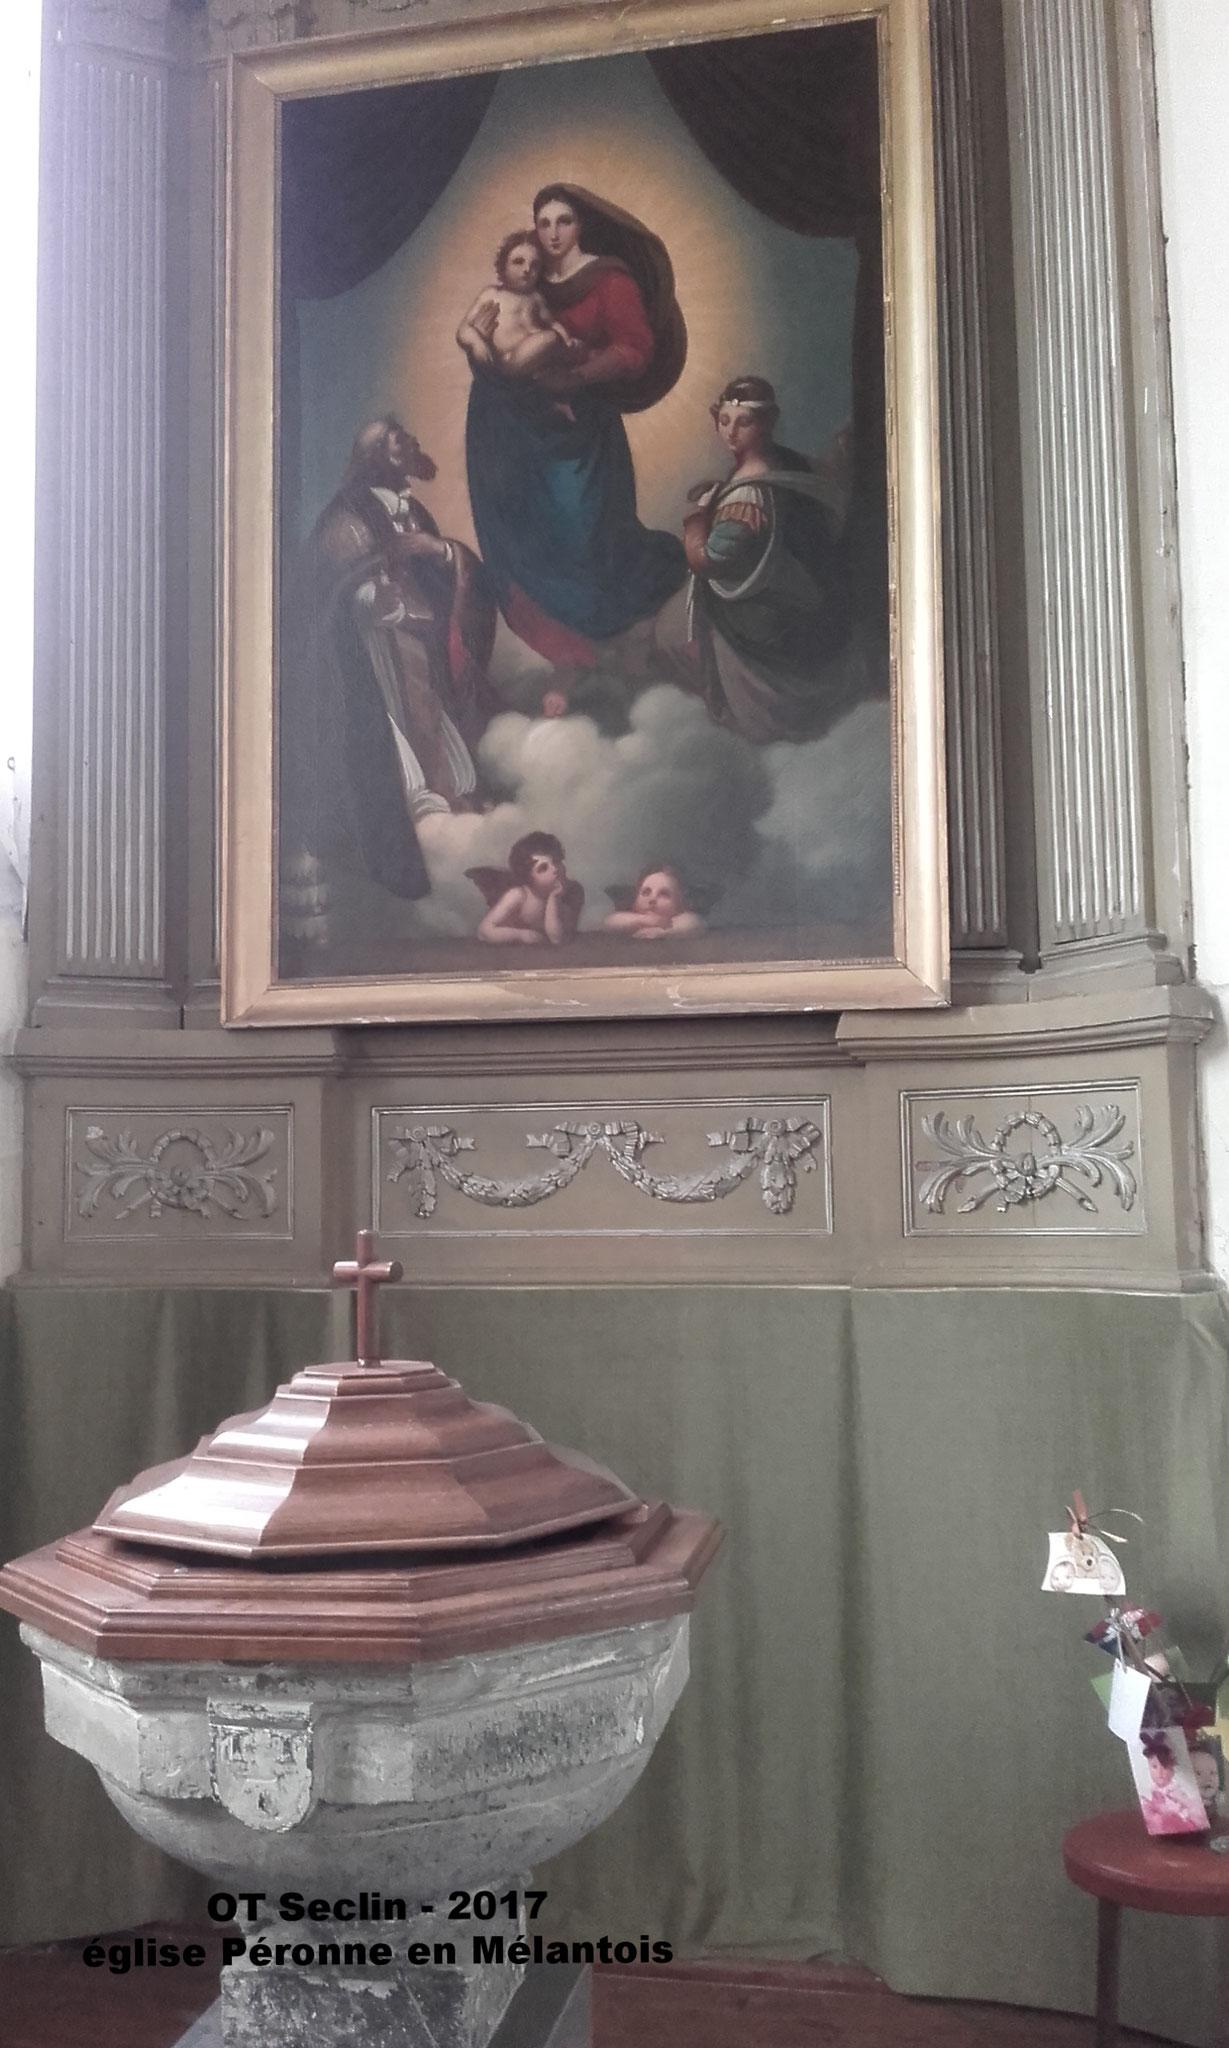 église Péronne en Mélantois, La (copie) Madone de Saint Sixte restaurée (2017)